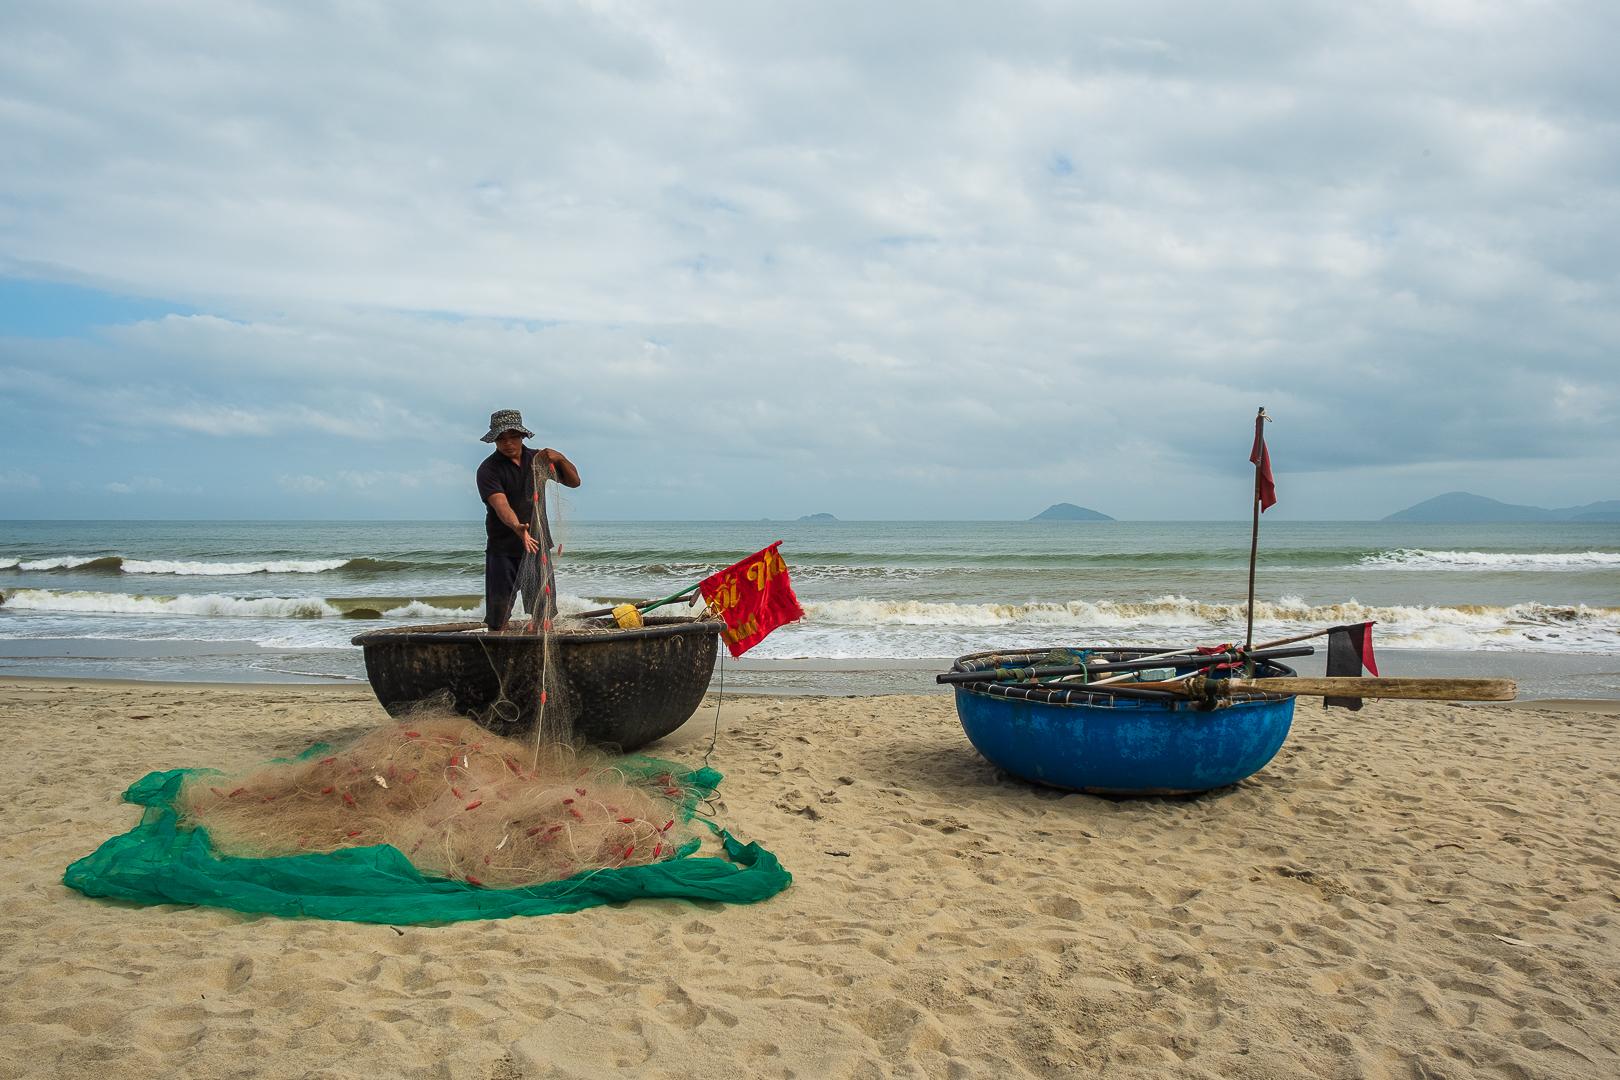 Sang S. Duong – Fisherman at Work – 2ND